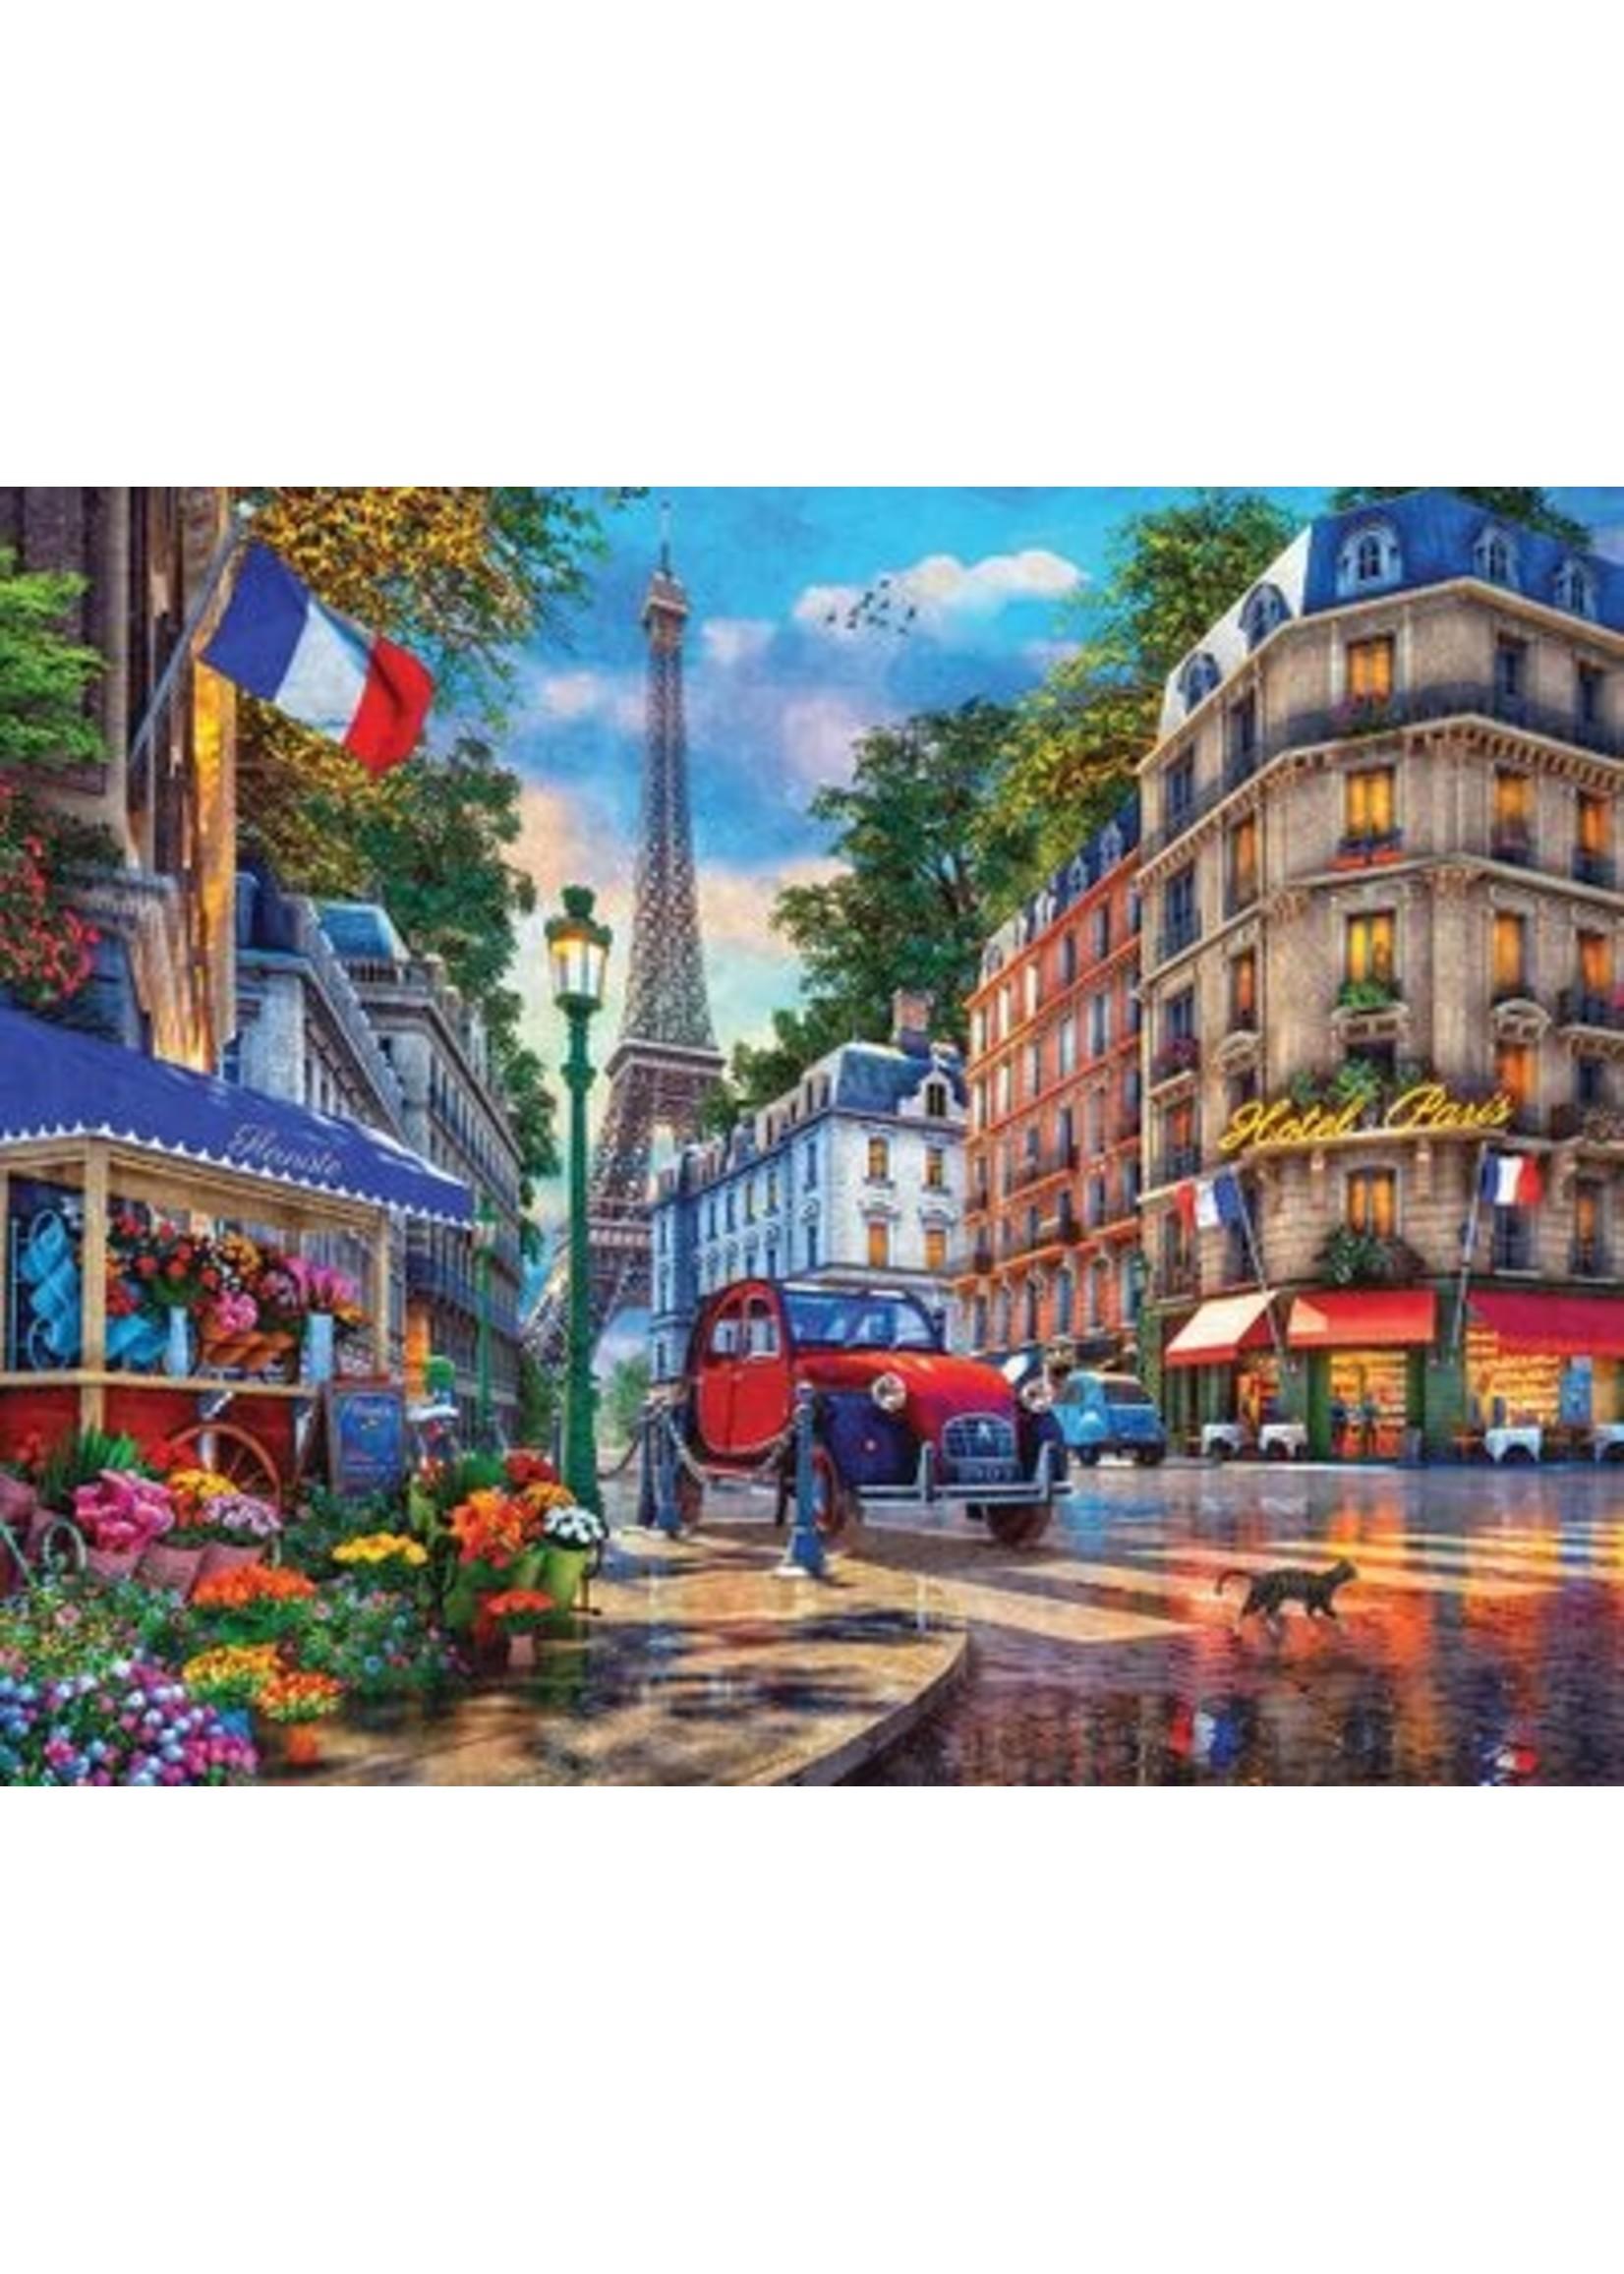 PARIS STREET LIFE 1000 PIECE JIGSAW PUZZLE